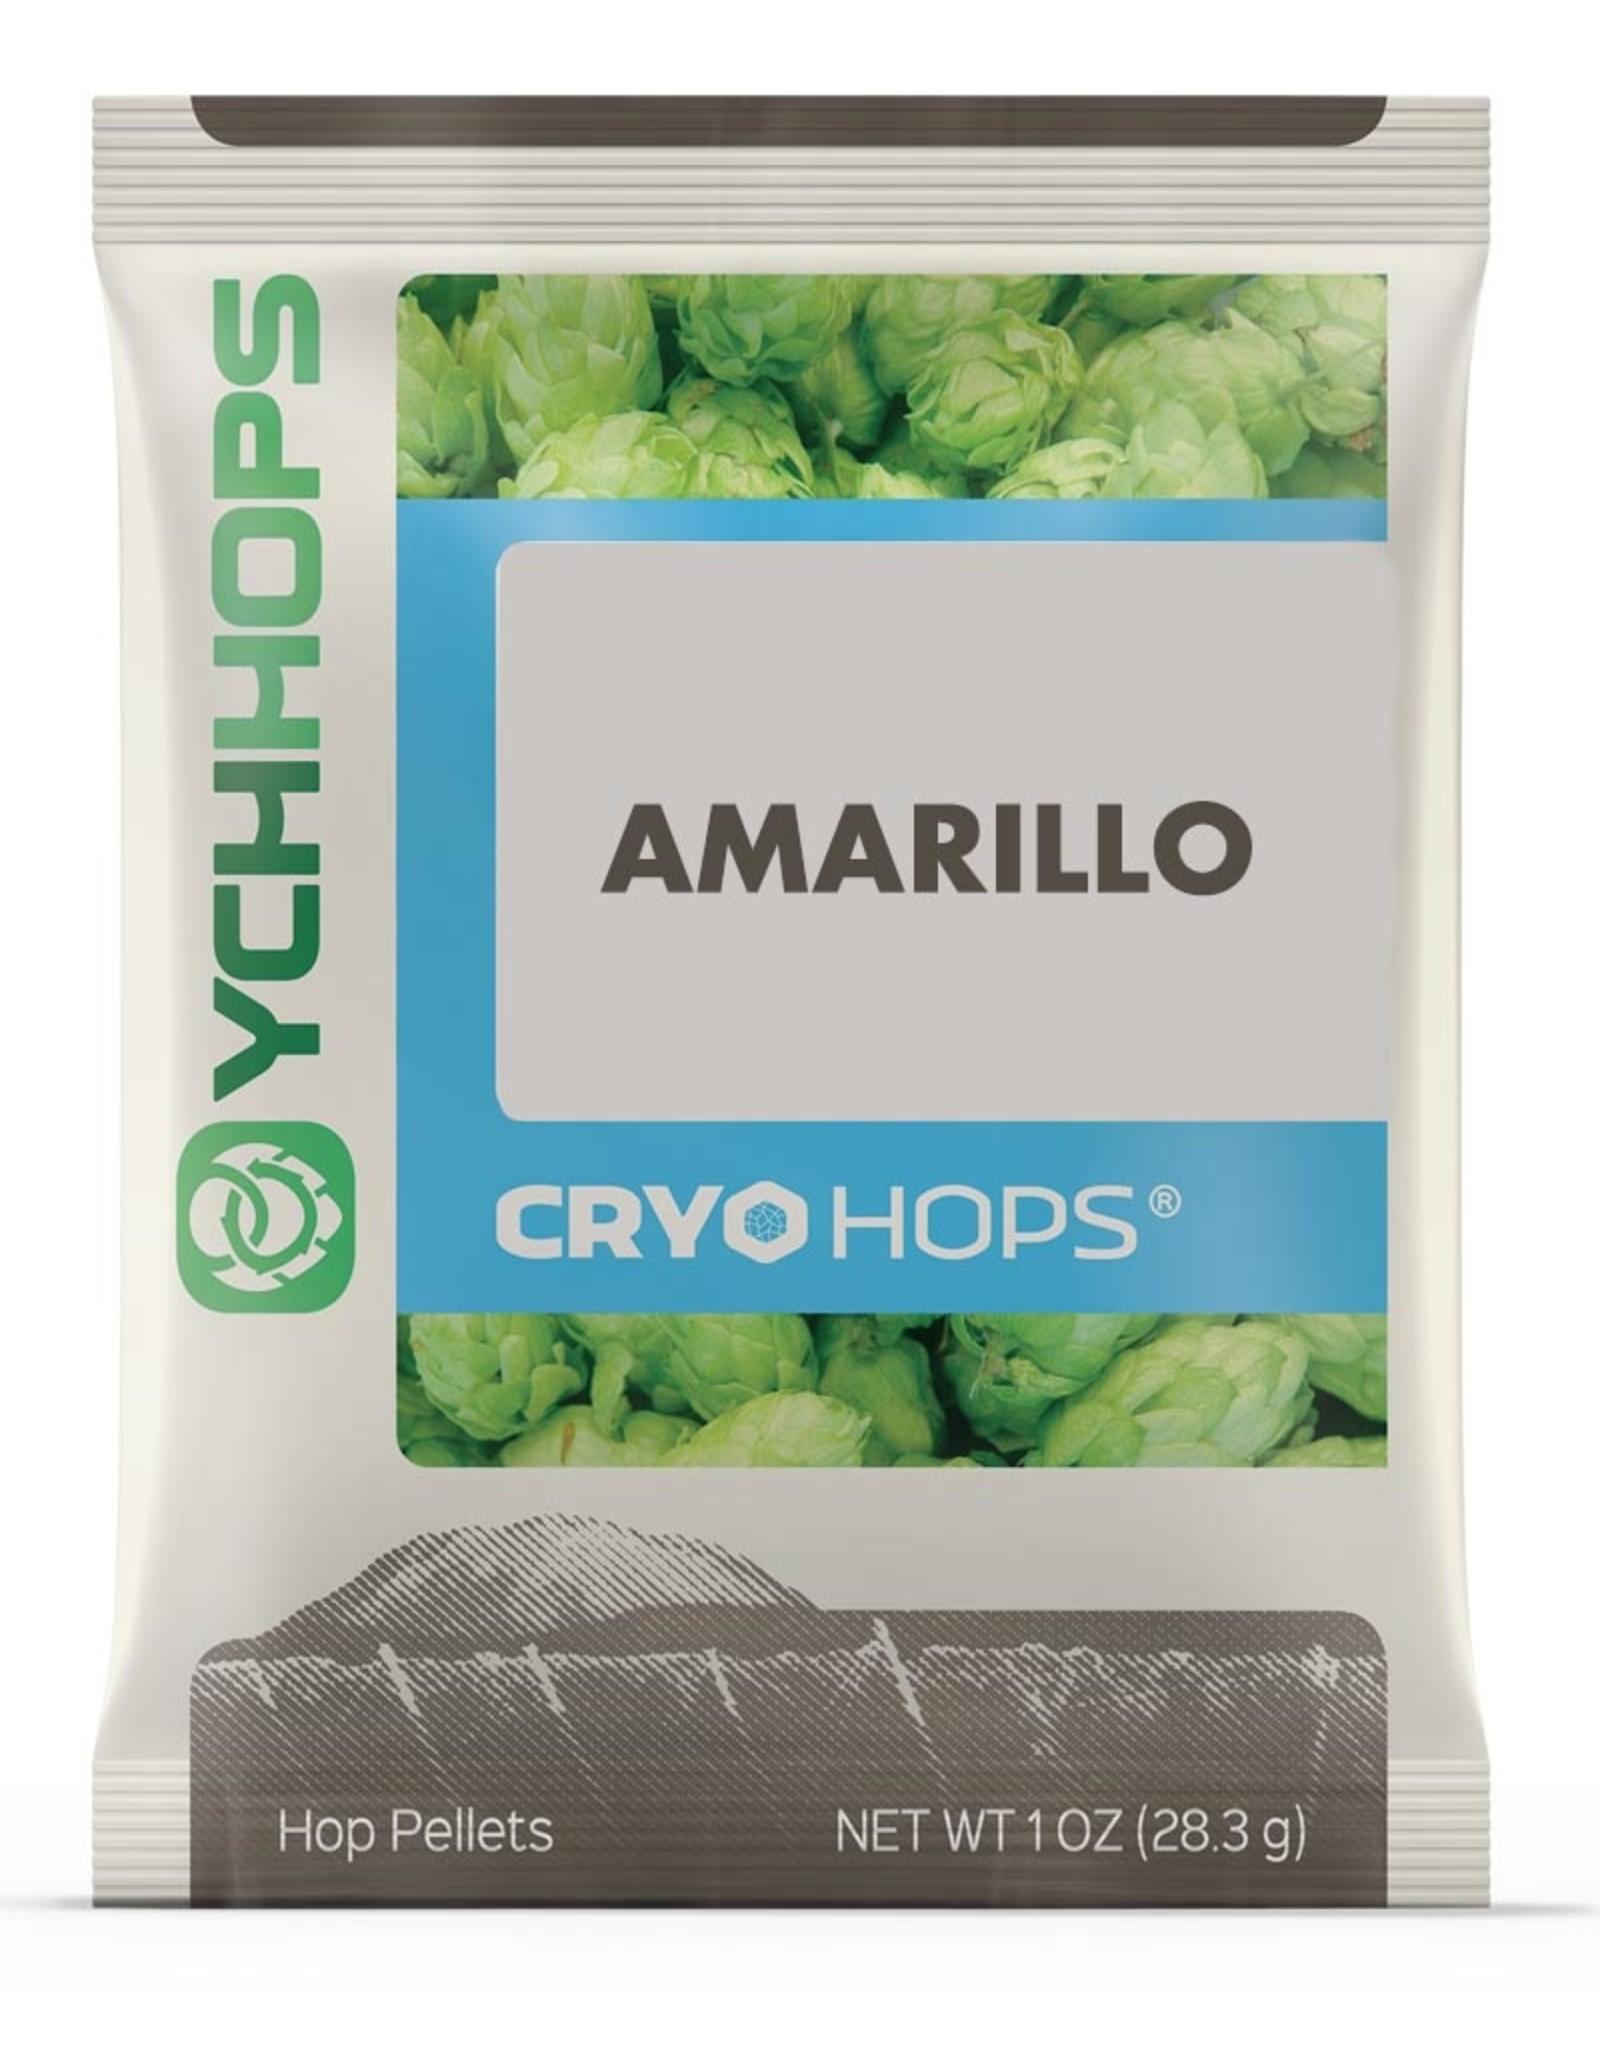 CRYO HOPS LupuLN2 Pellets Amarillo® 1 oz